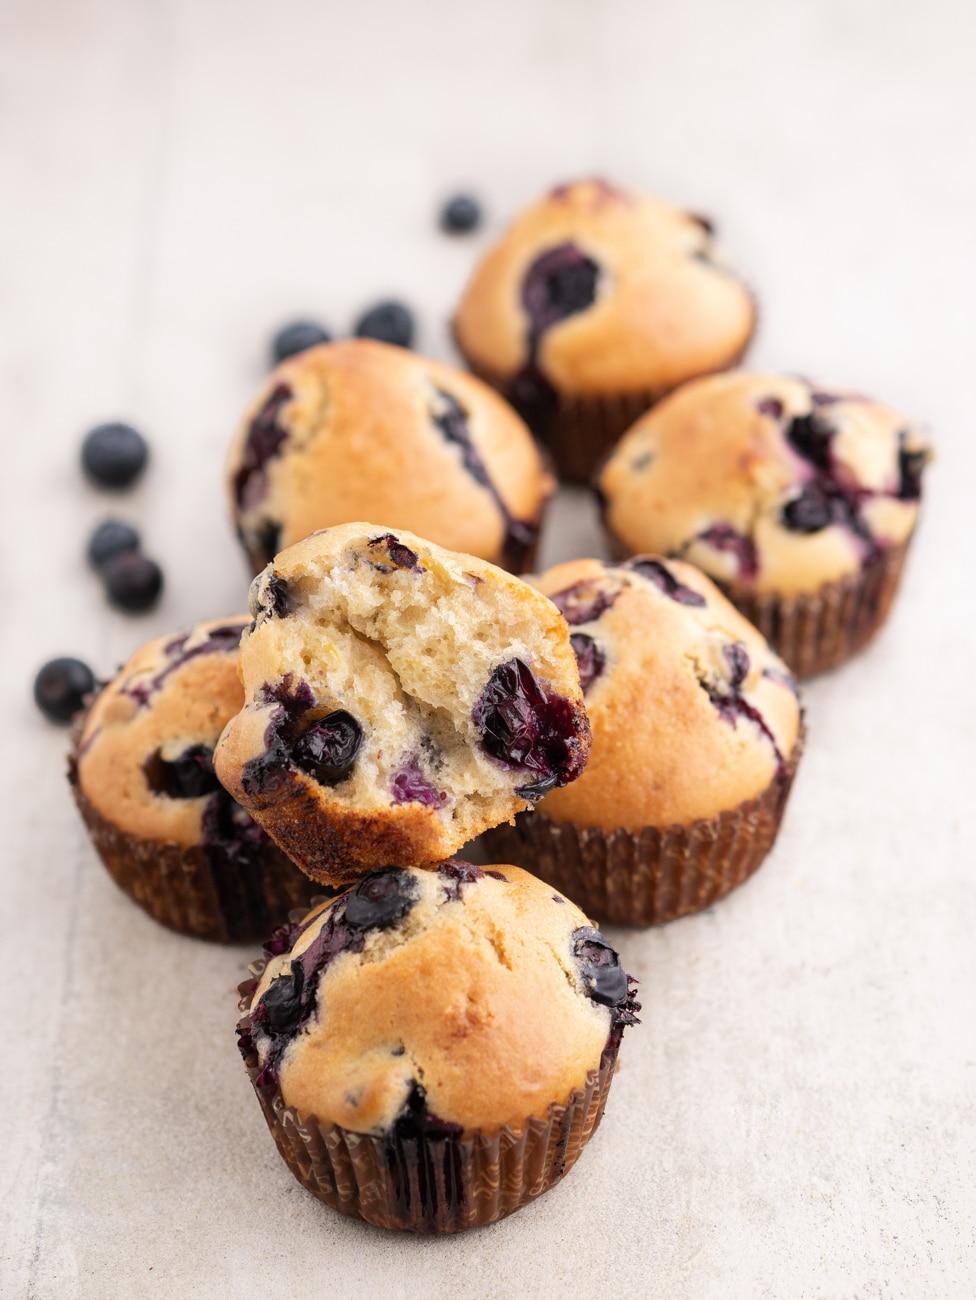 Przepis na Babeczki z borówkami | Muffinki z borówkami